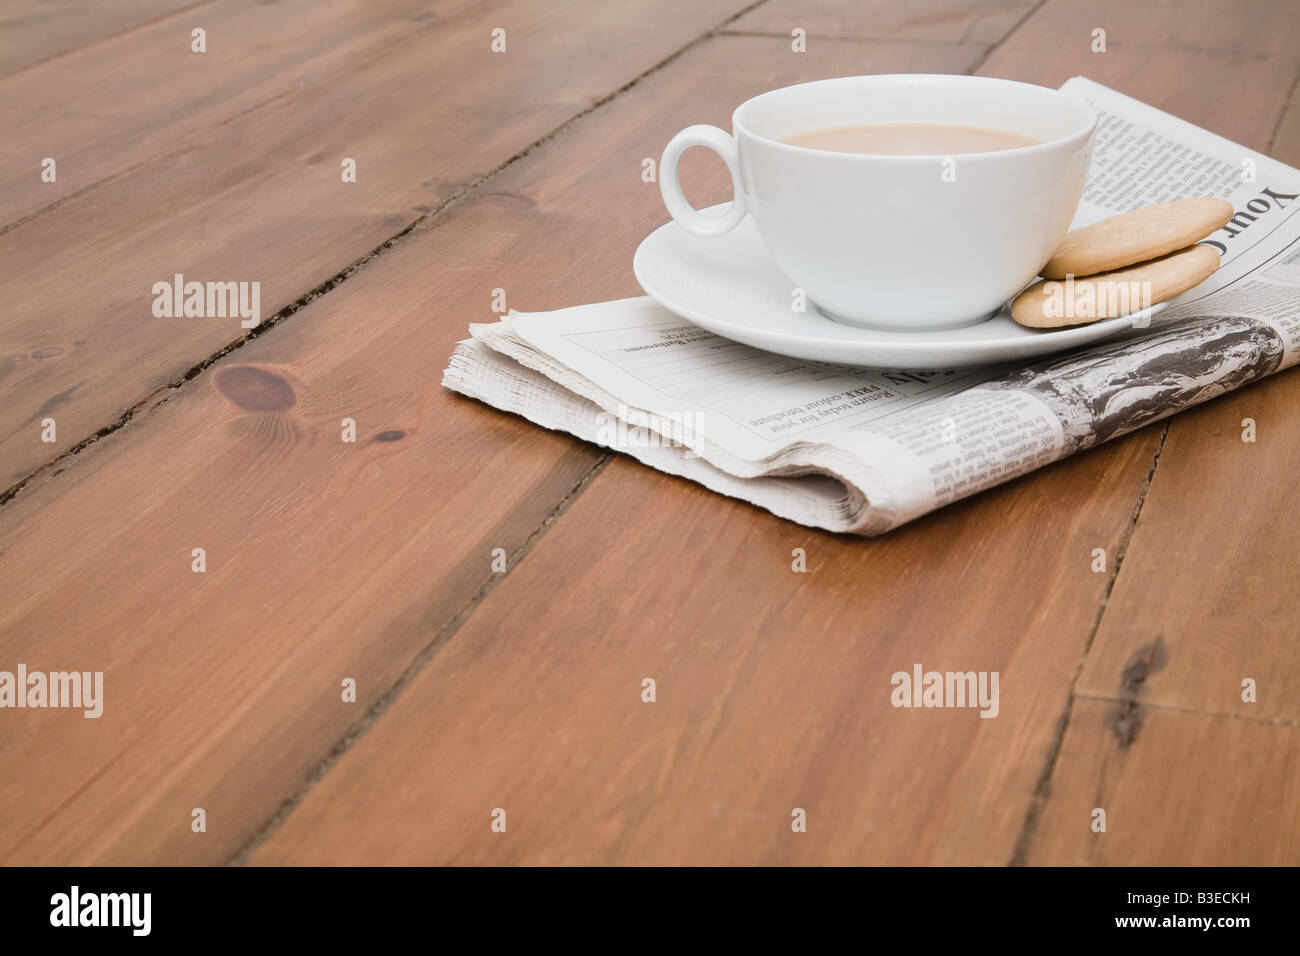 Tea and newspaper on floor - Stock Image